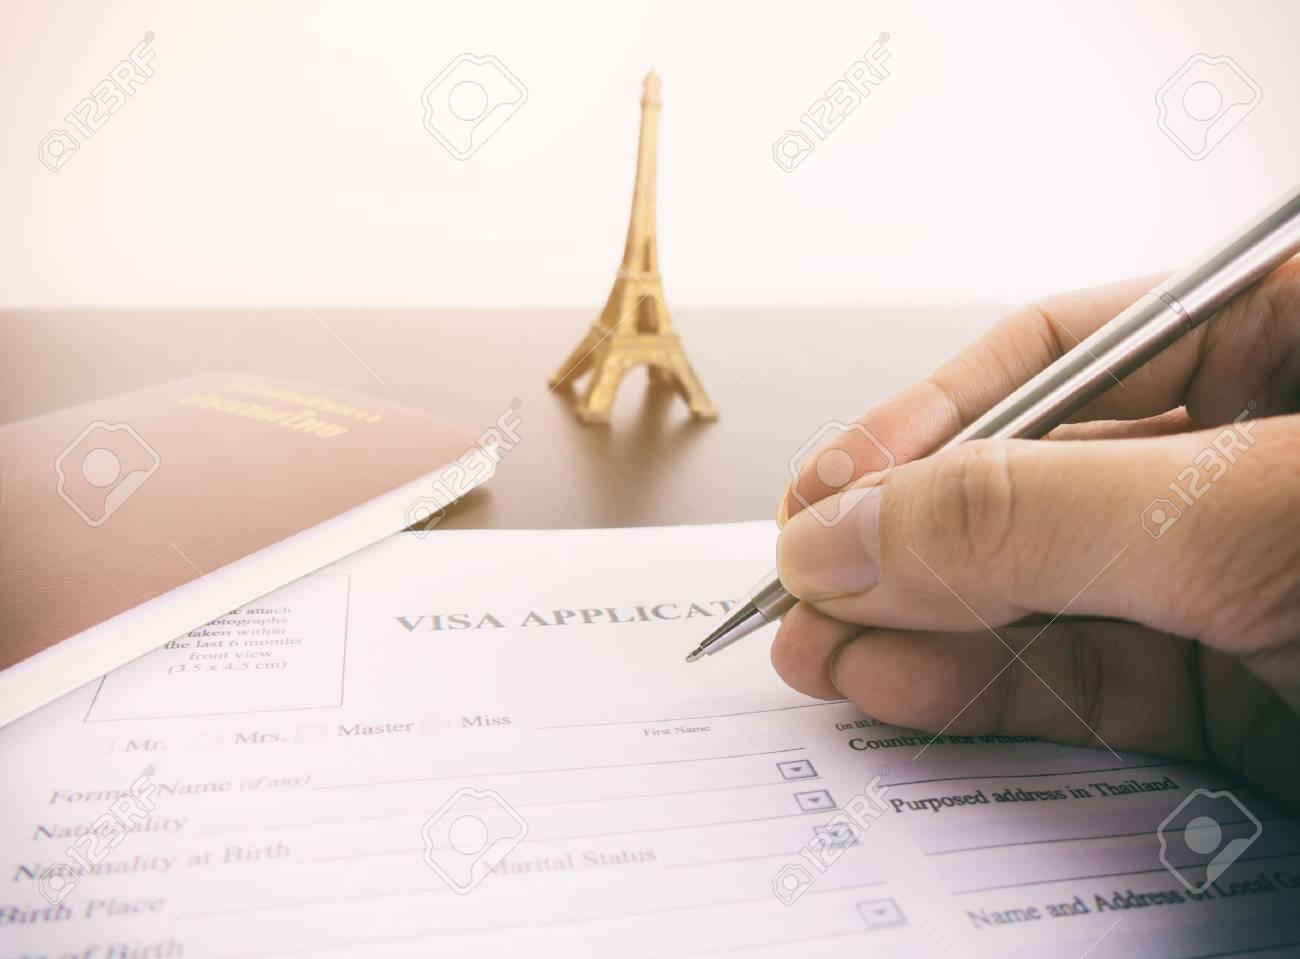 Filling Visa application form for France Paris